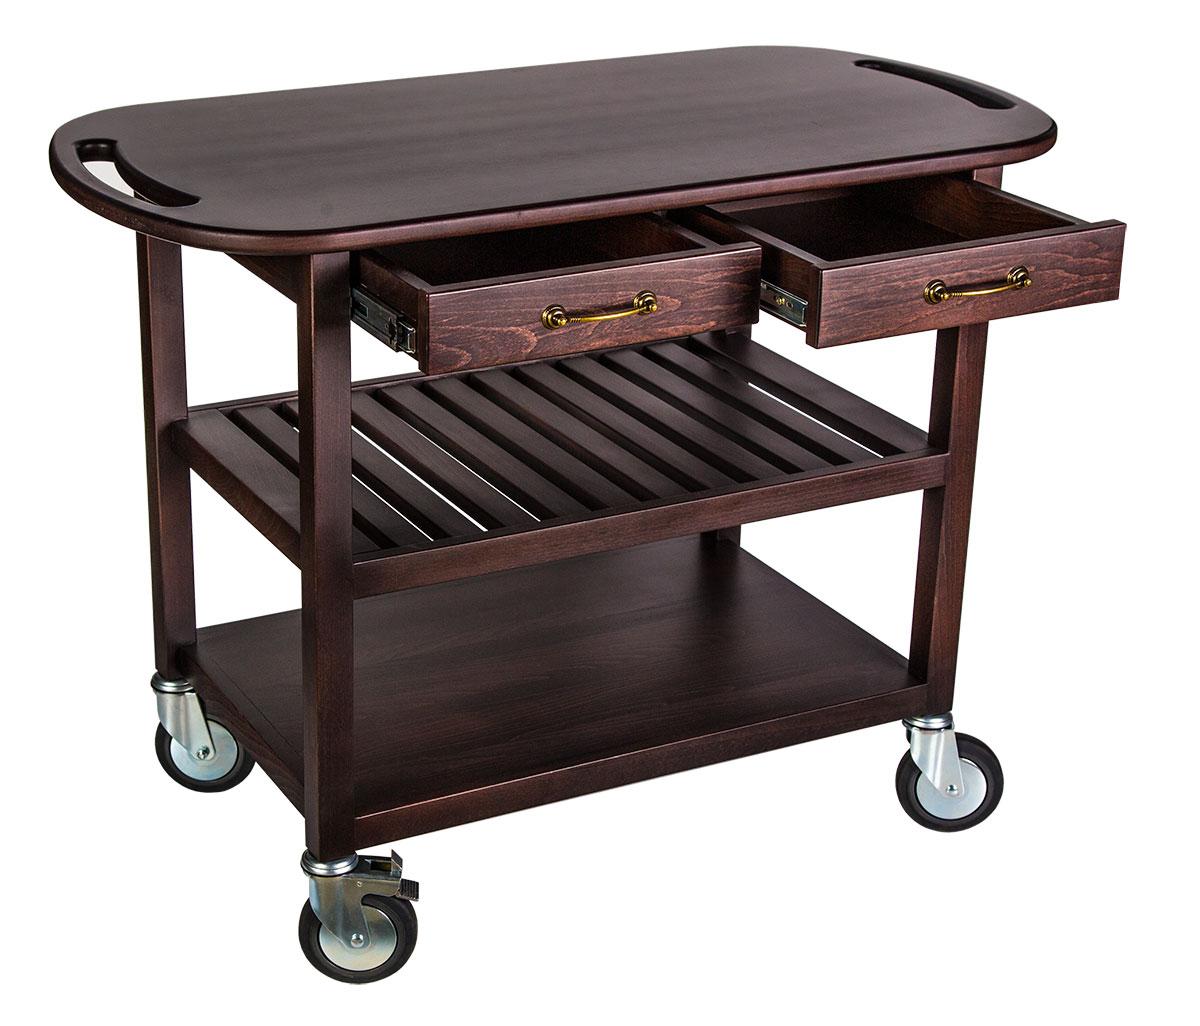 столик сервировочный Ark T05 компания Arkwood